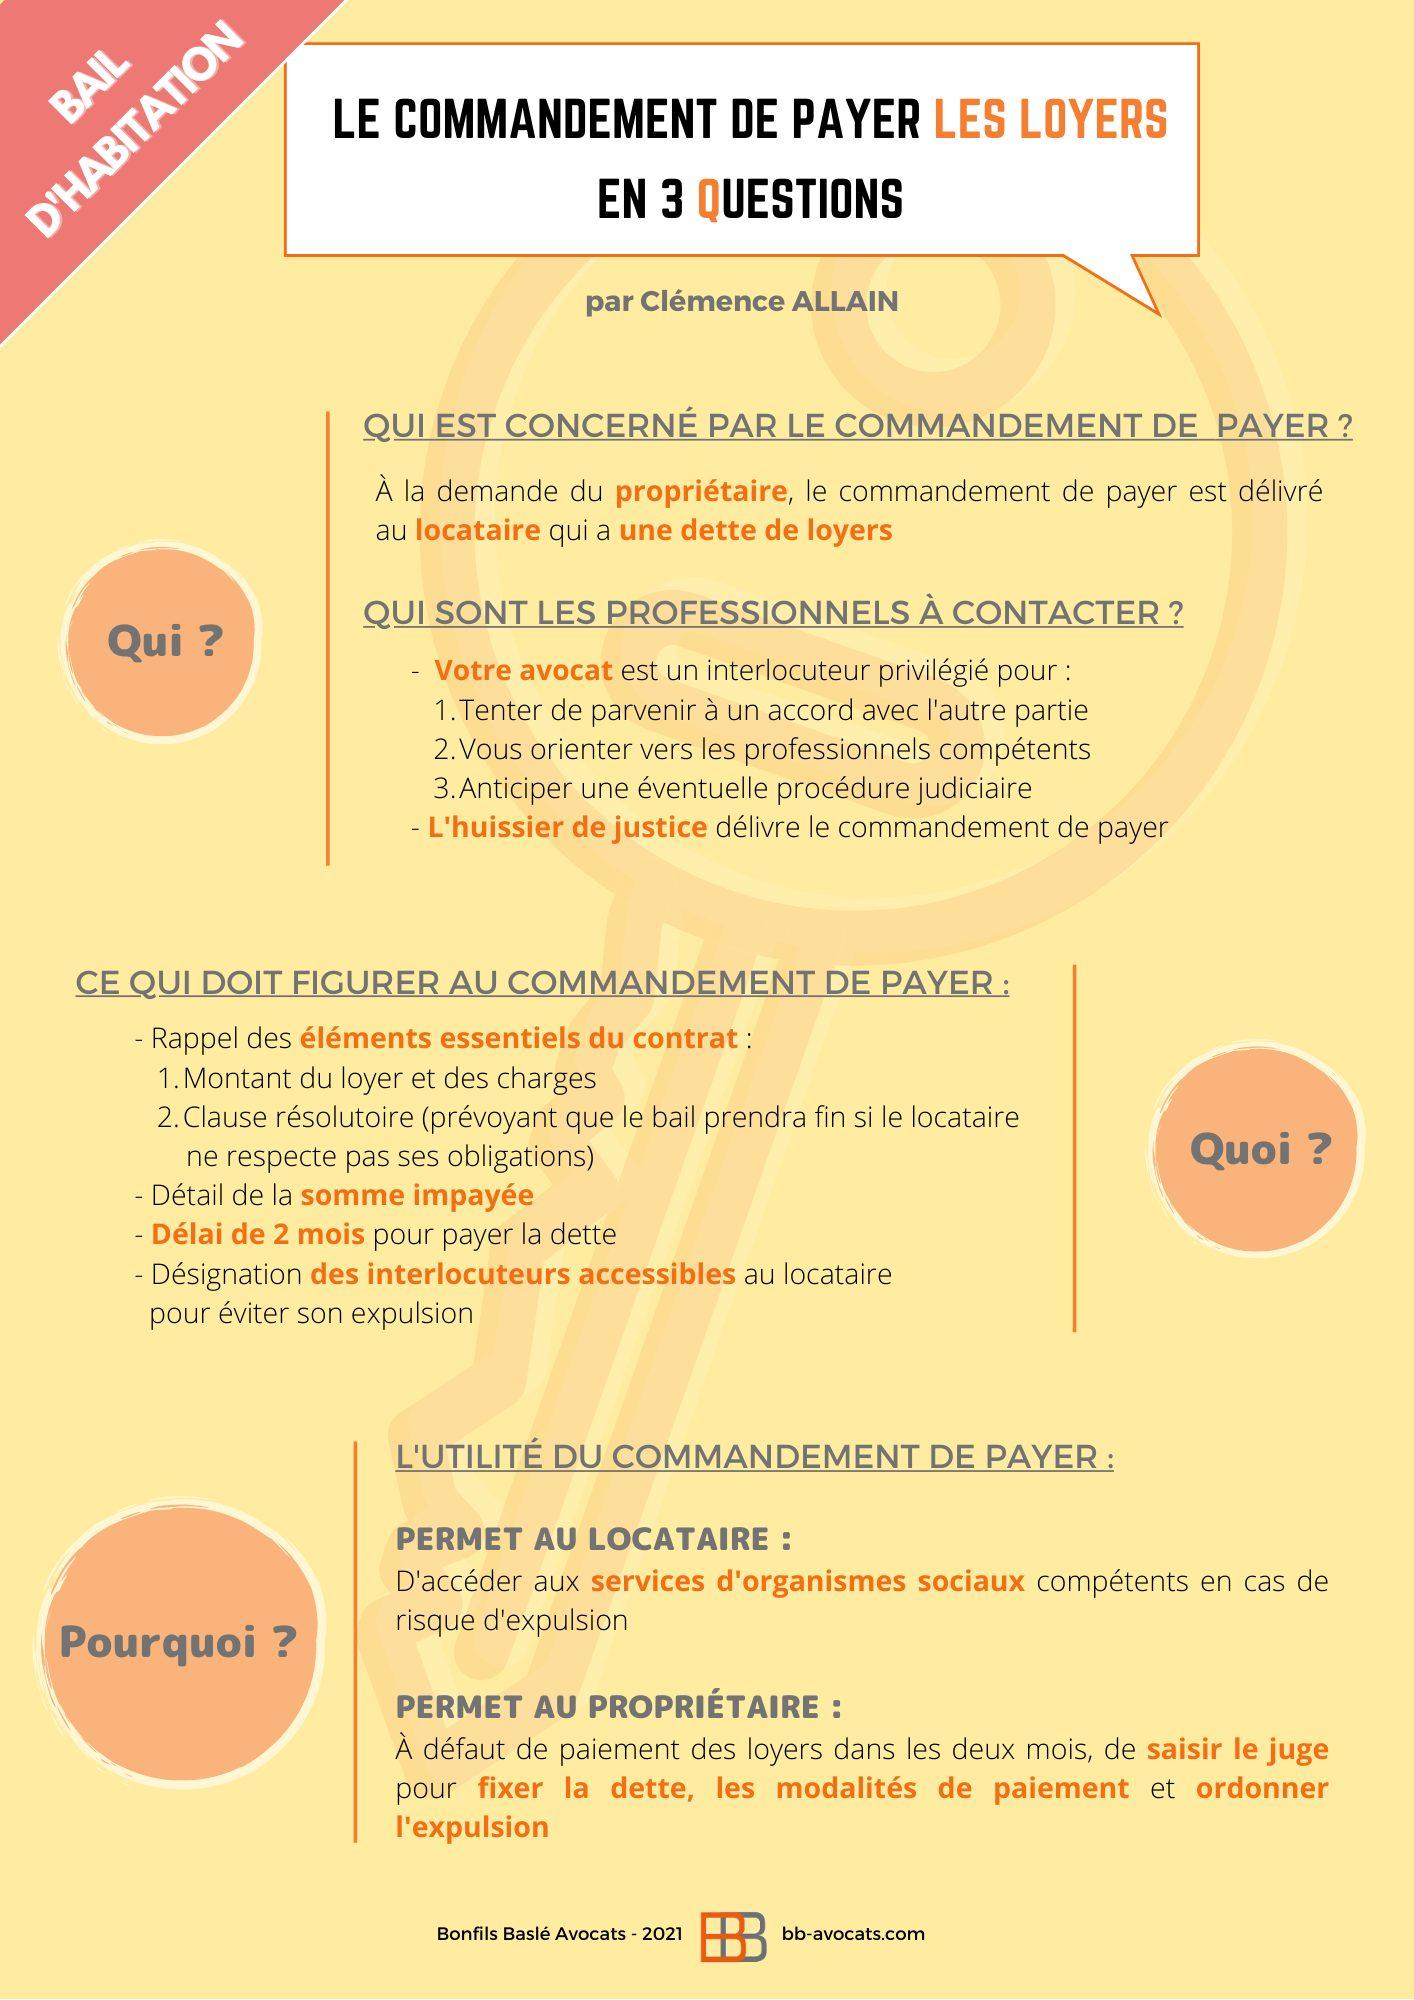 LOYERS IMPAYES... ET APRES ? - FOCUS SUR LE COMMANDEMENT DE PAYER